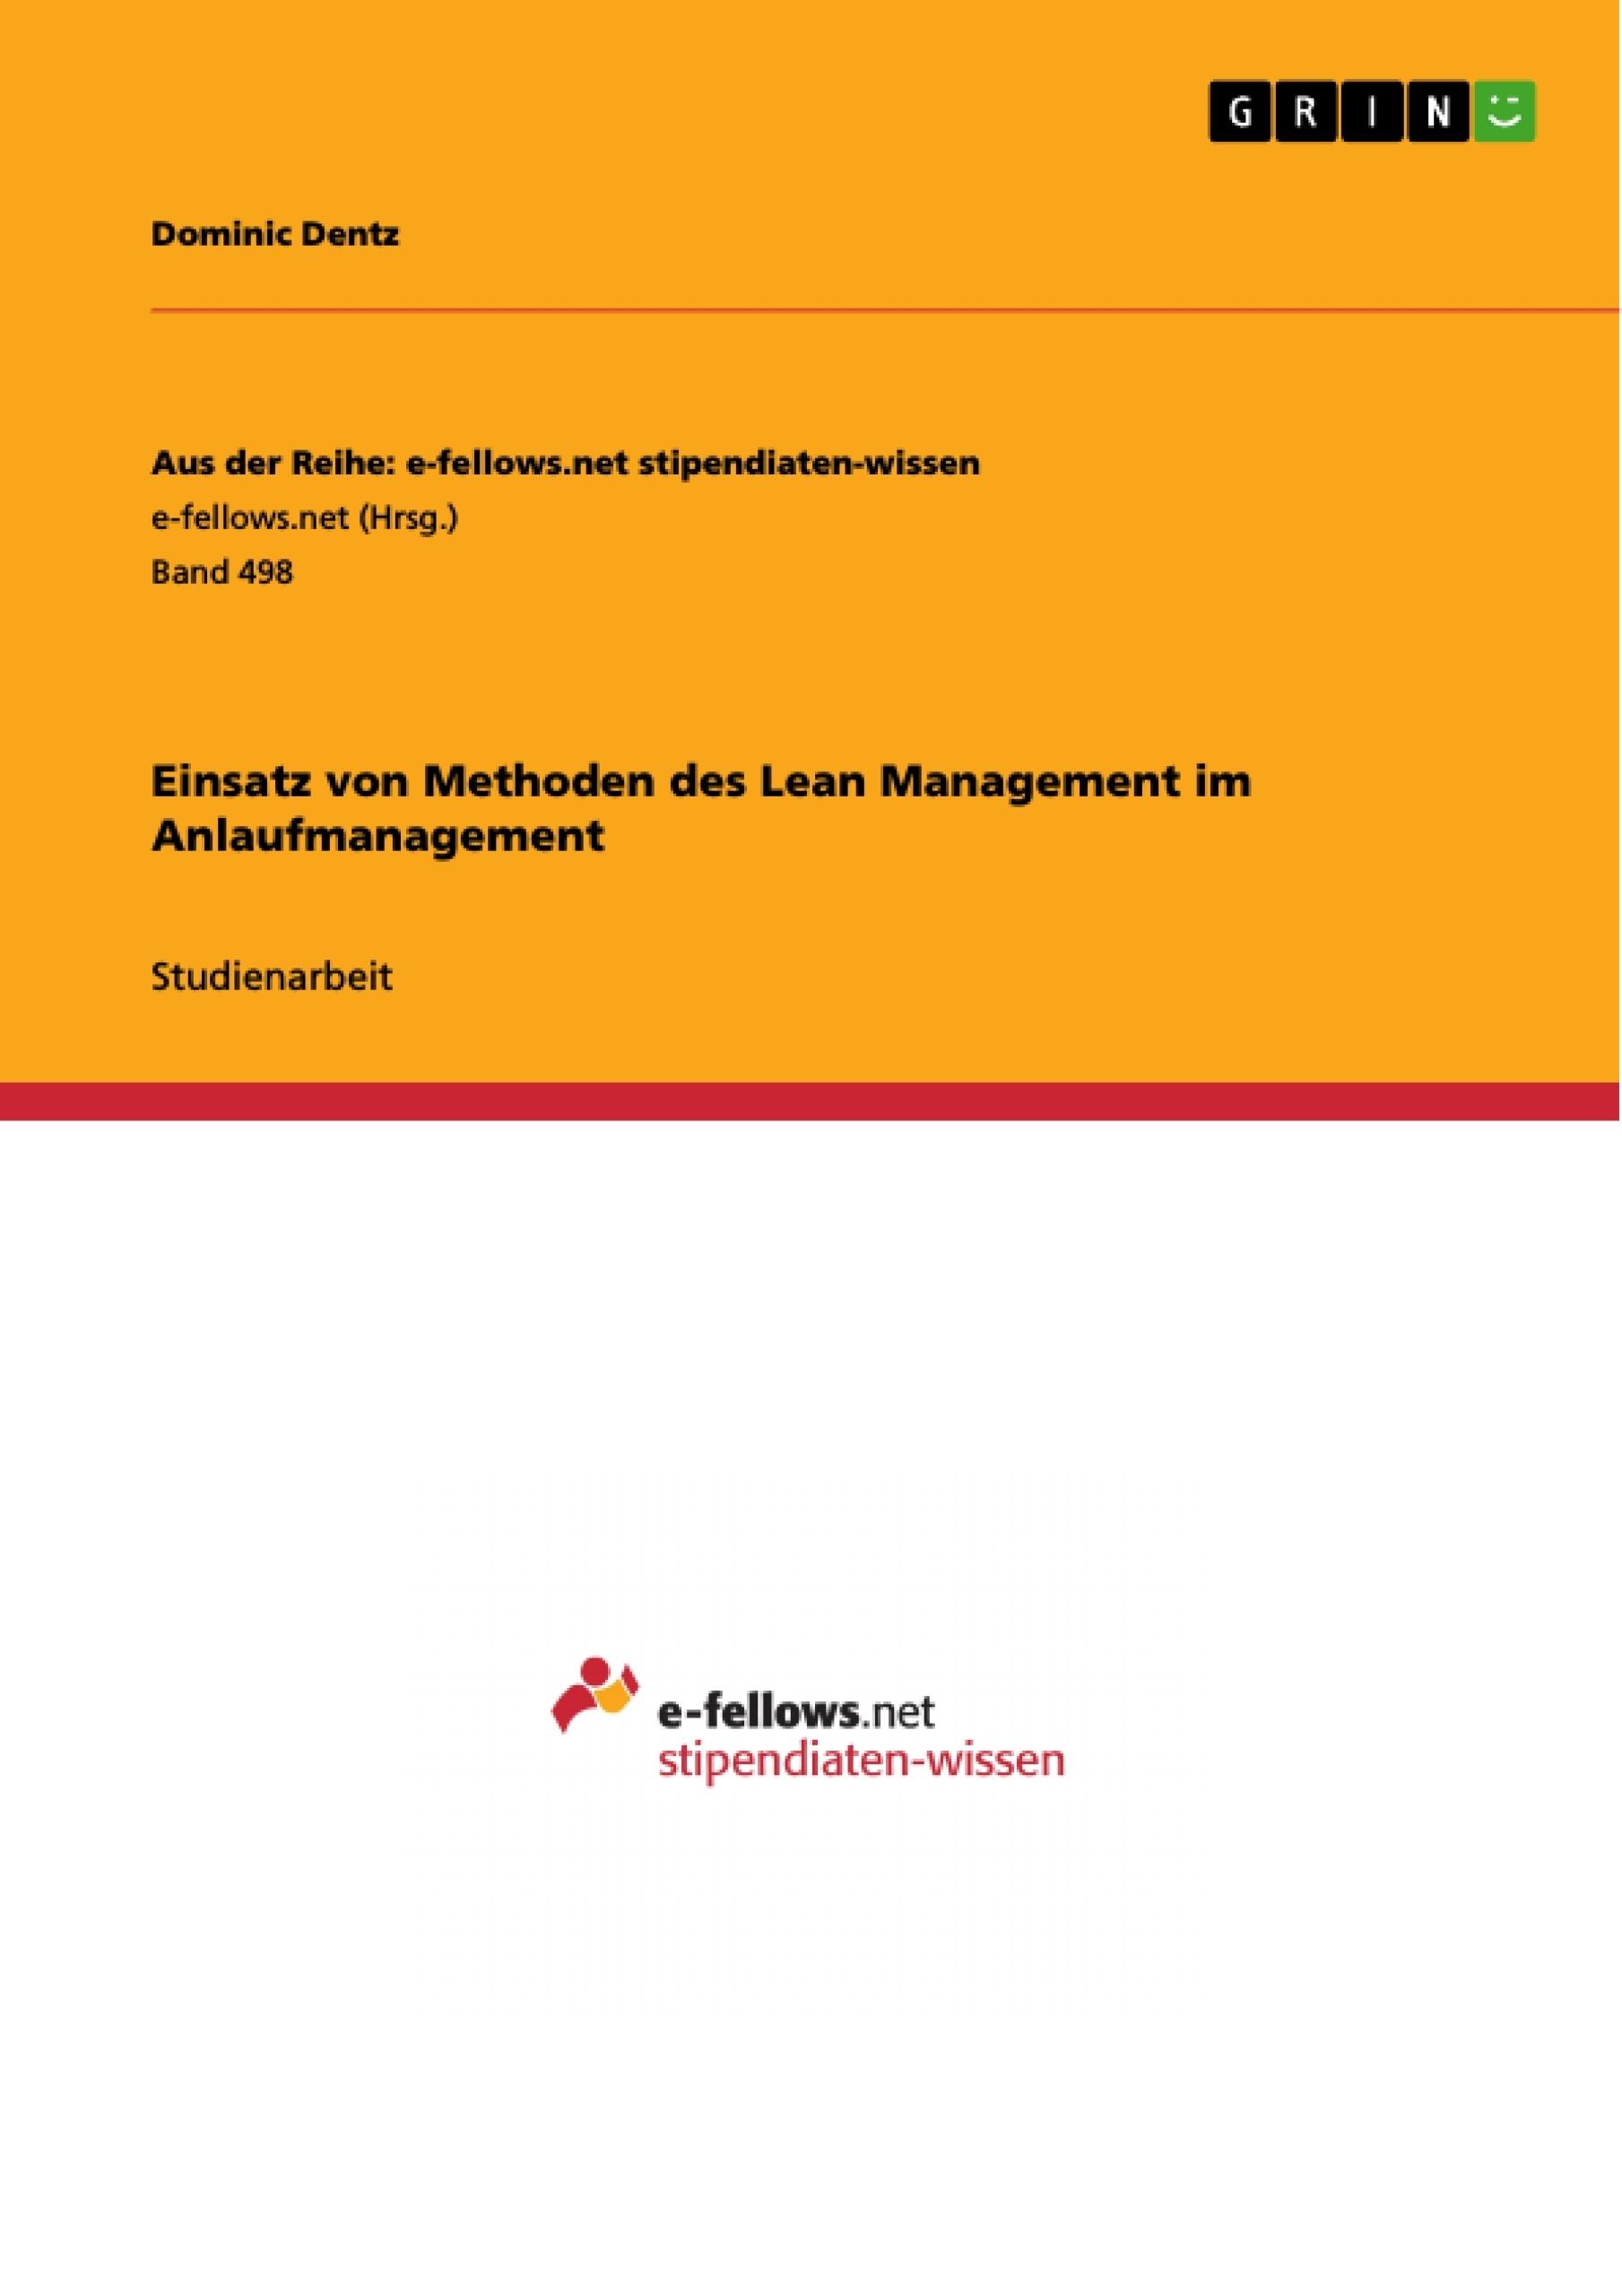 Titel: Einsatz von Methoden des Lean Management im Anlaufmanagement